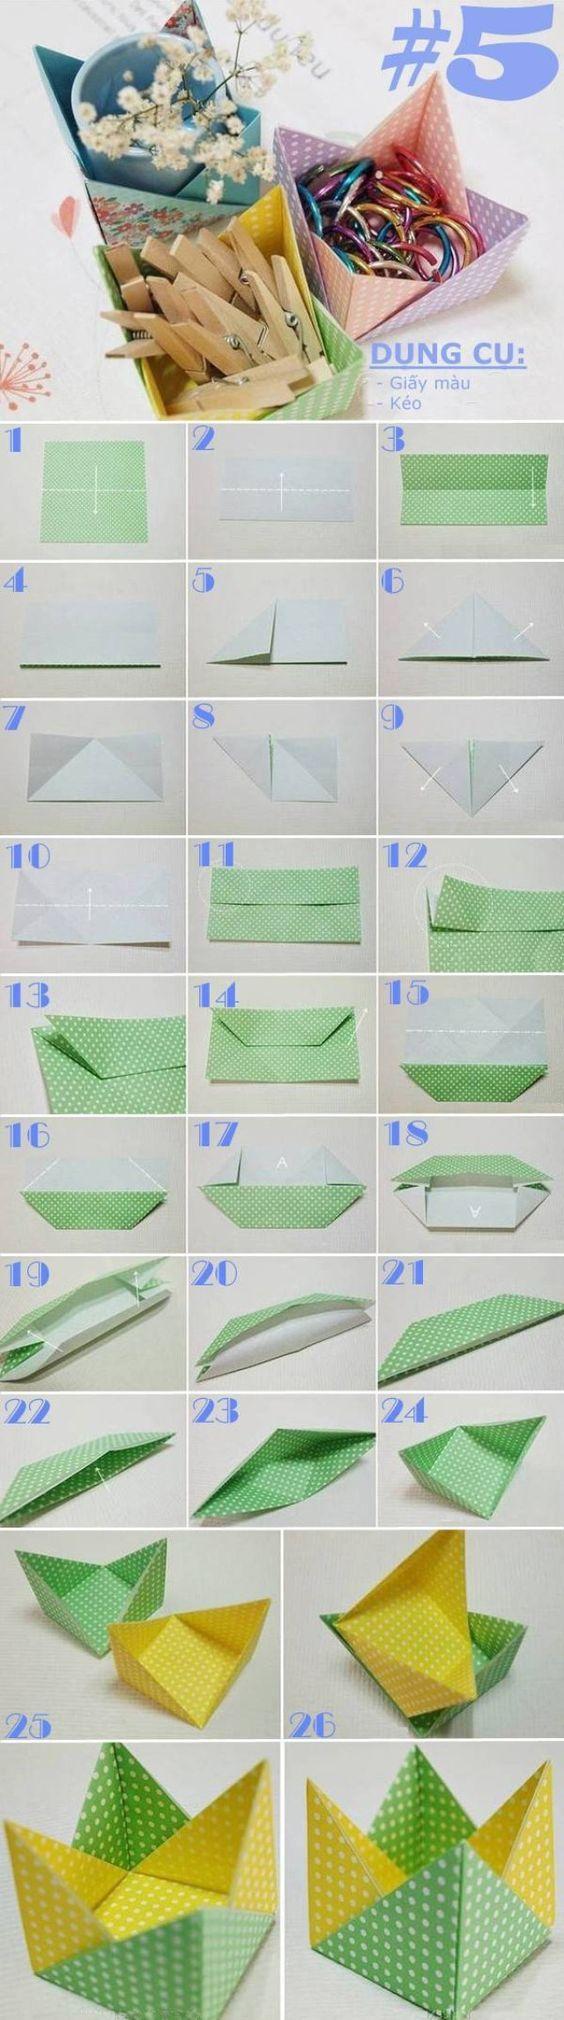 Piegare la carta in una scatola di gadget utili - Kenh14 Mobile